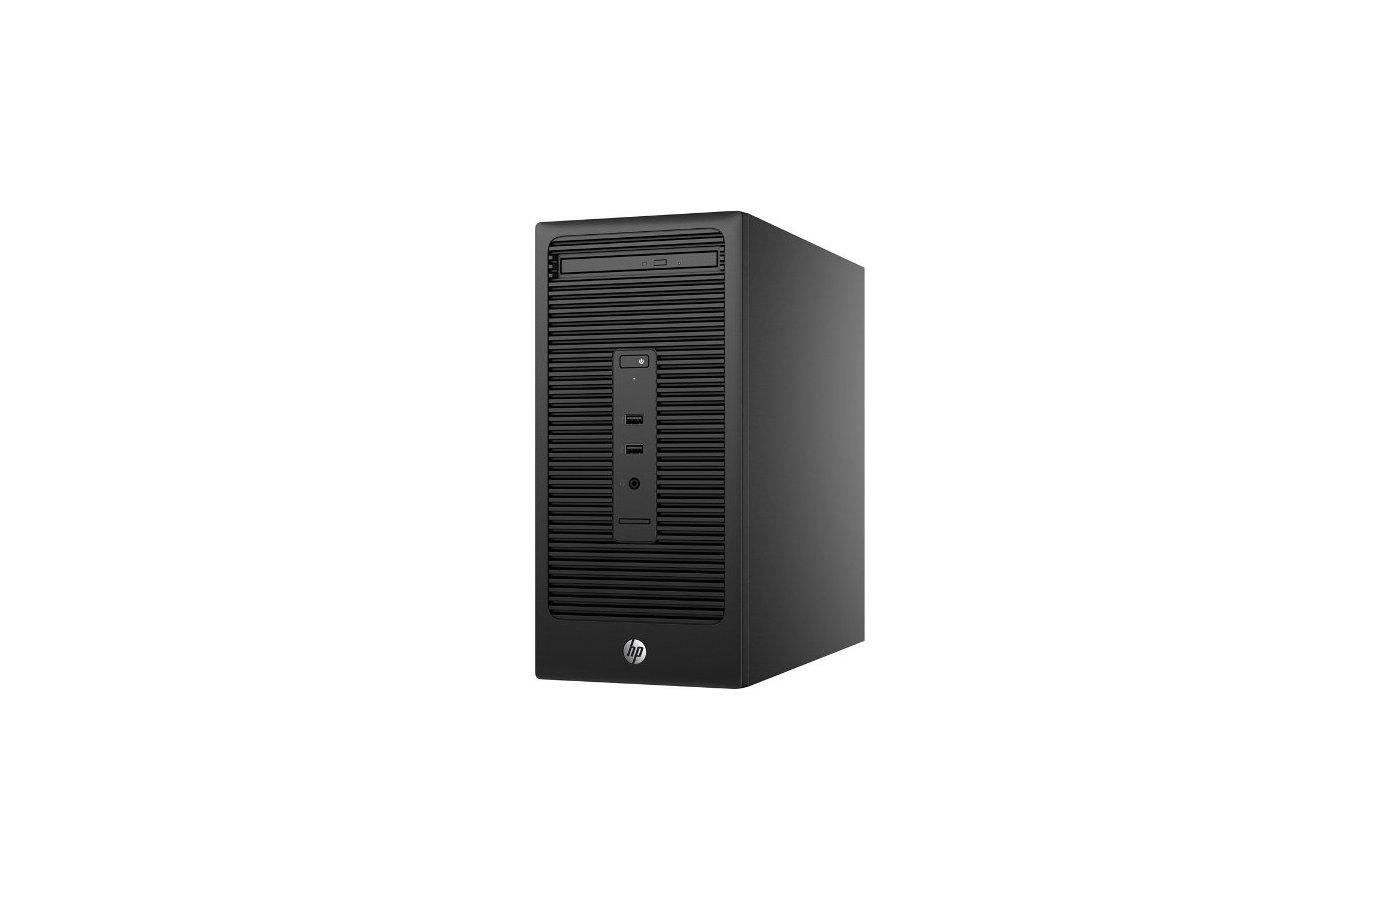 Системный блок HP 280 G2 MT /V7Q85EA/